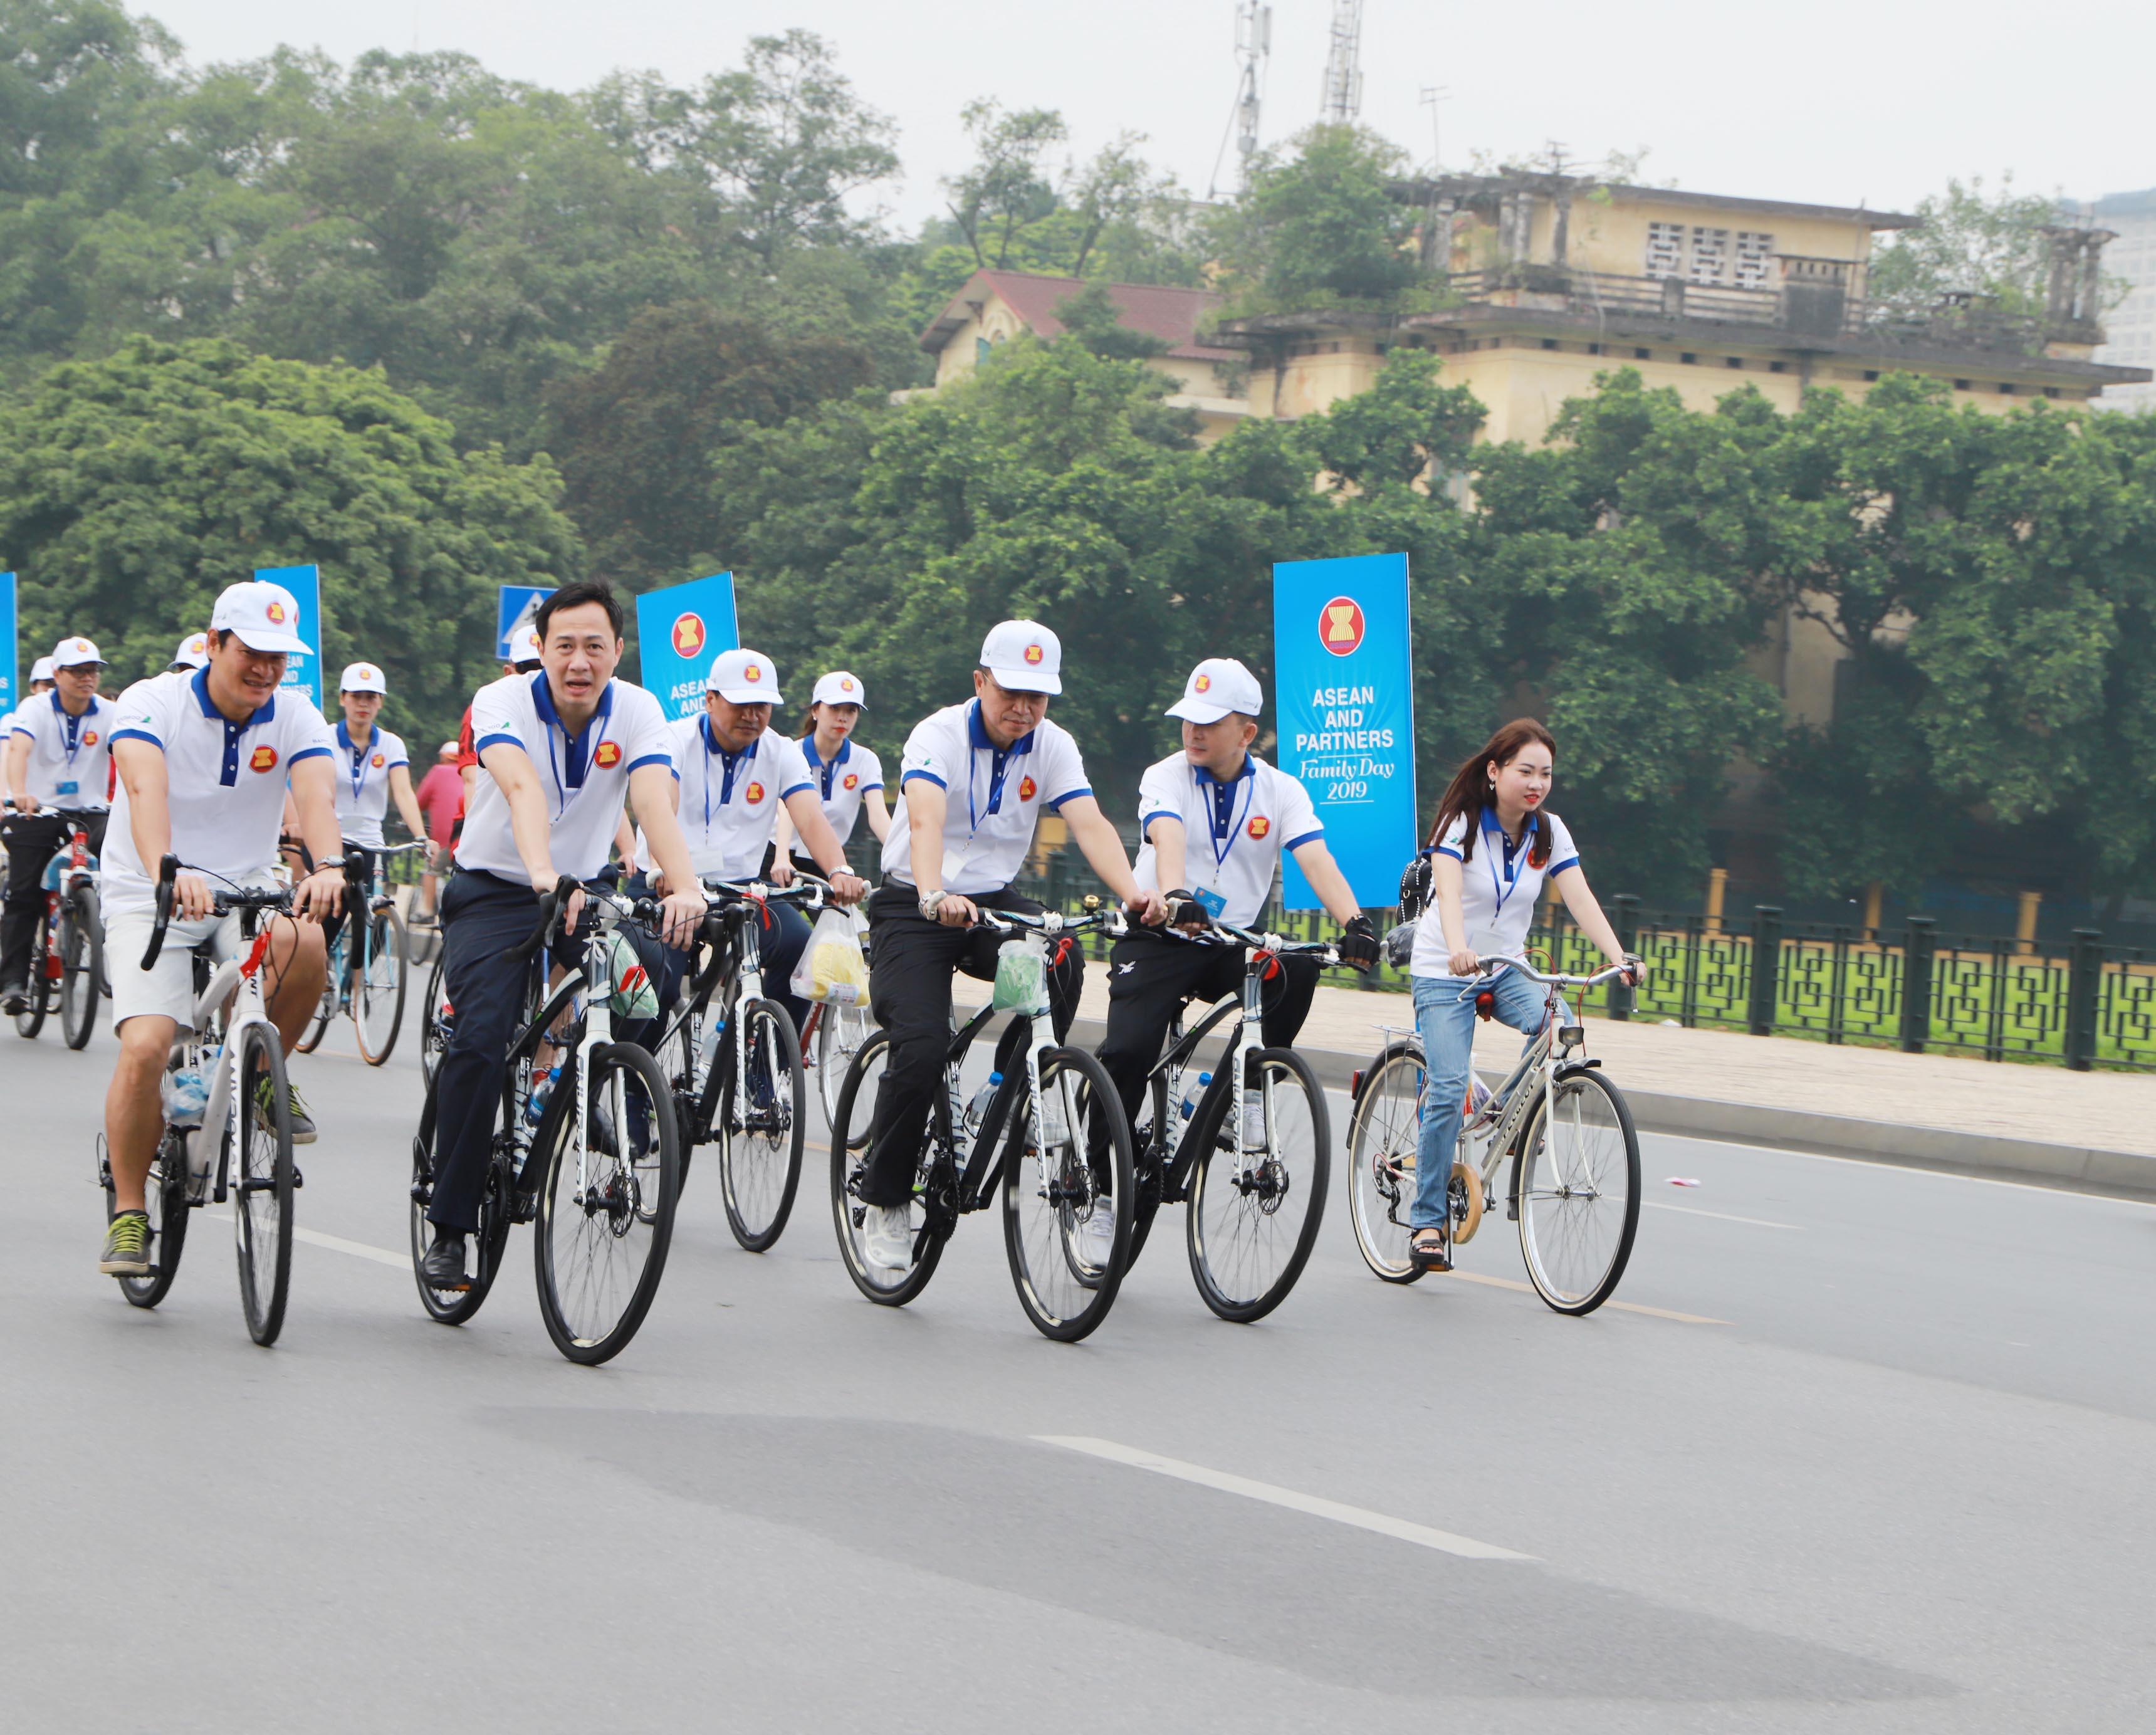 Vượt qua quãng đường gần 10 km trong tiết trời nắng nóng, các đại biểu đã cùng nhau thể hiện sức mạnh tập thể, lòng quyết tâm và tinh thần tương trợ lẫn nhau, vốn là truyền thống tốt đẹp của các dân tộc trong cộng đồng các quốc gia Đông Nam Á.